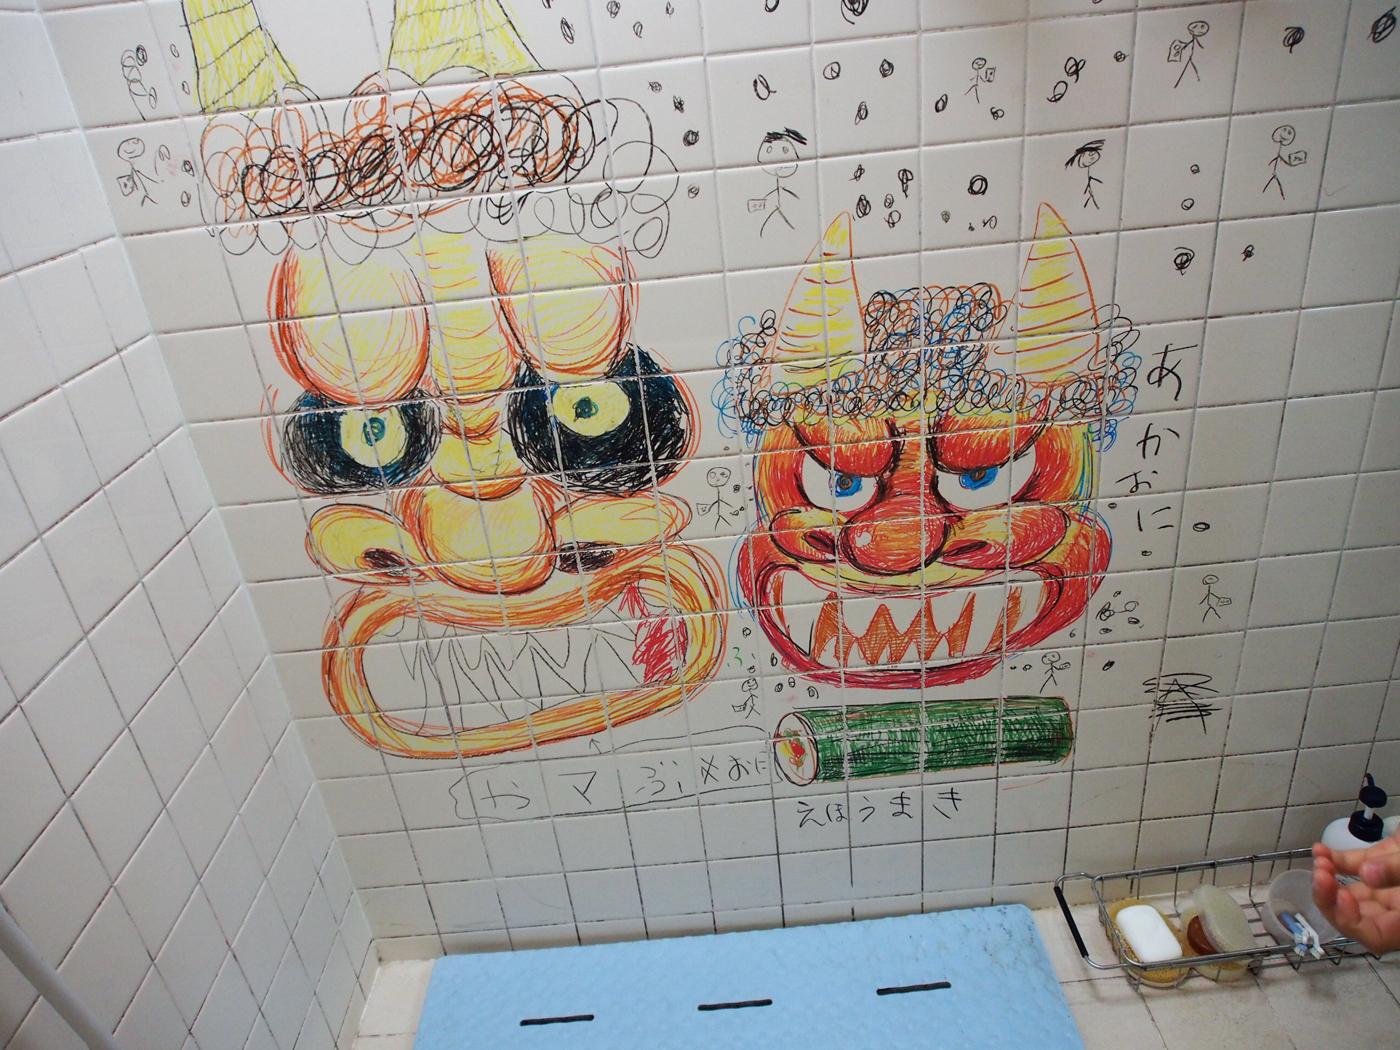 お風呂場のタイルに描いた鬼の絵